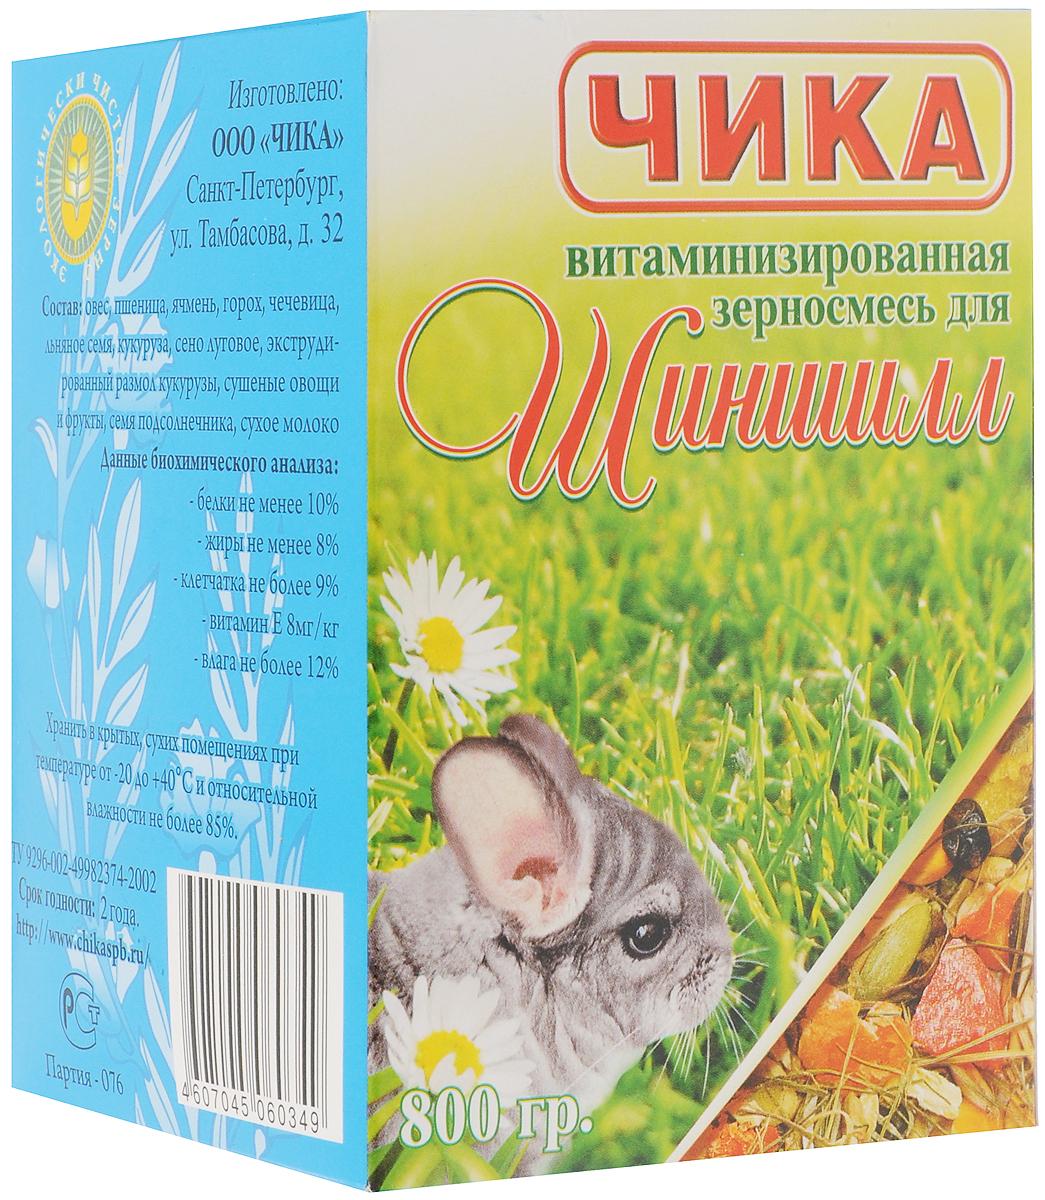 Корм для шиншилл Чика, витаминизированный, 800 г корм для всех видов грызунов чика витаминизированный 500 г